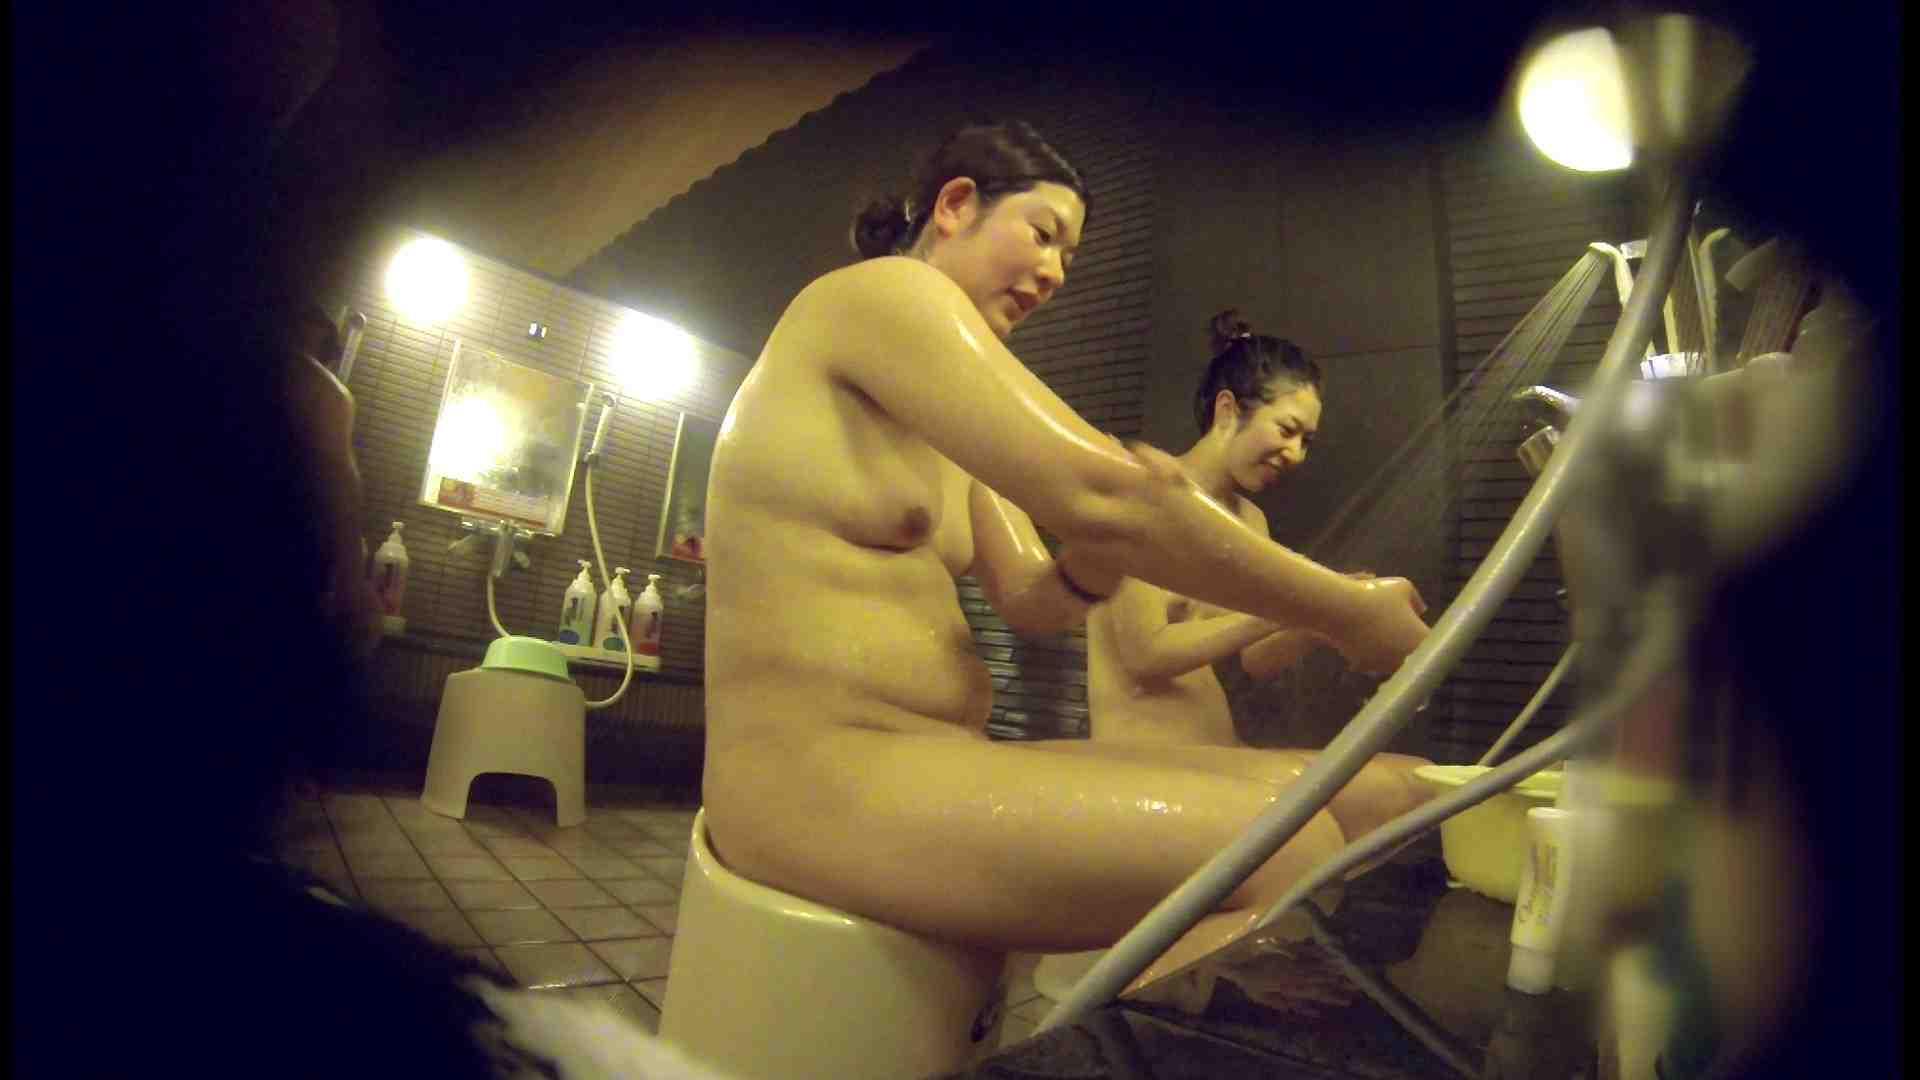 洗い場!んーーー残念なボディです。痩せれば抱けるかも? 銭湯 | 潜入  74PIX 3